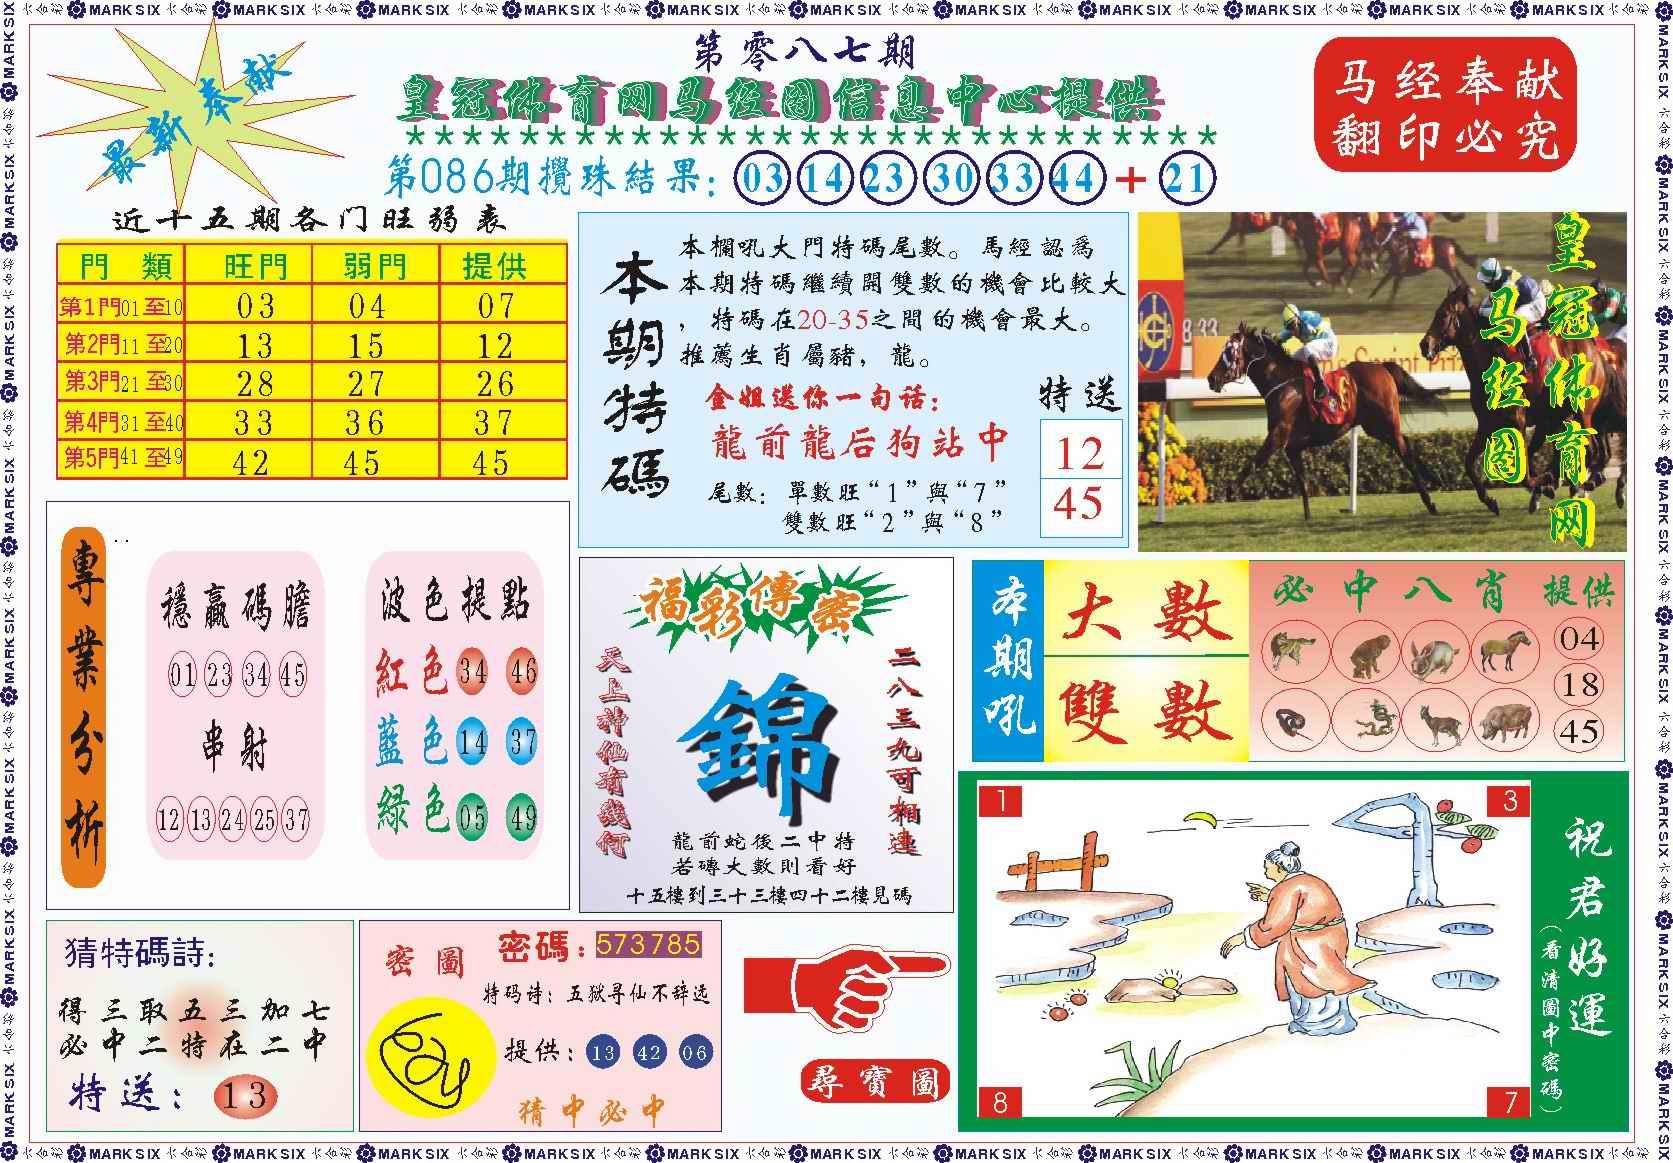 087期皇冠体育网马经图记录